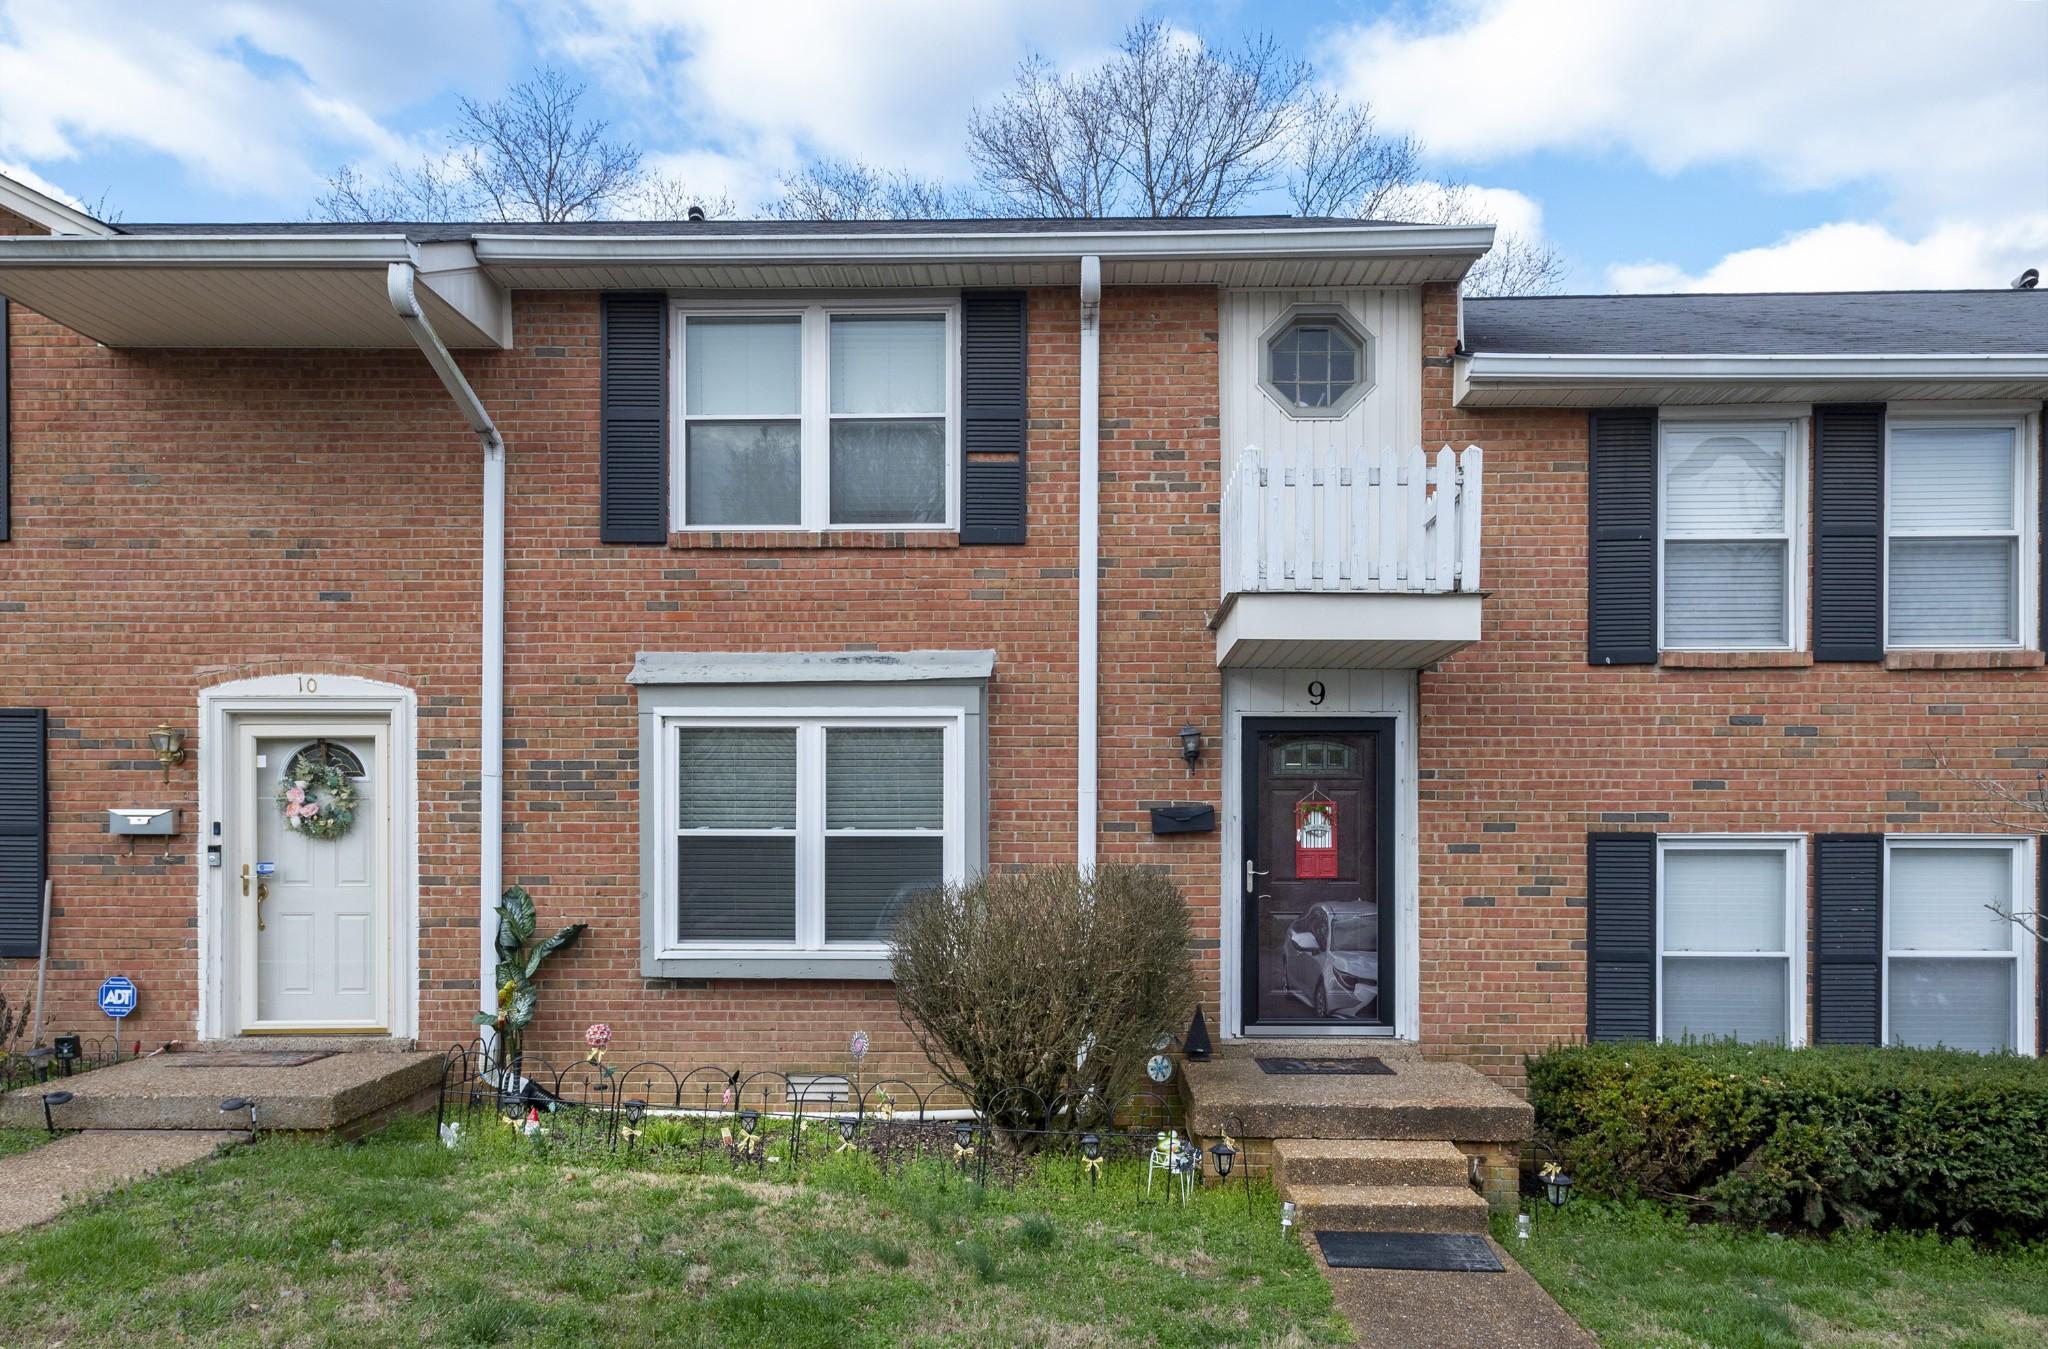 5510 Country Dr, Nashville, TN 37211 - Nashville, TN real estate listing